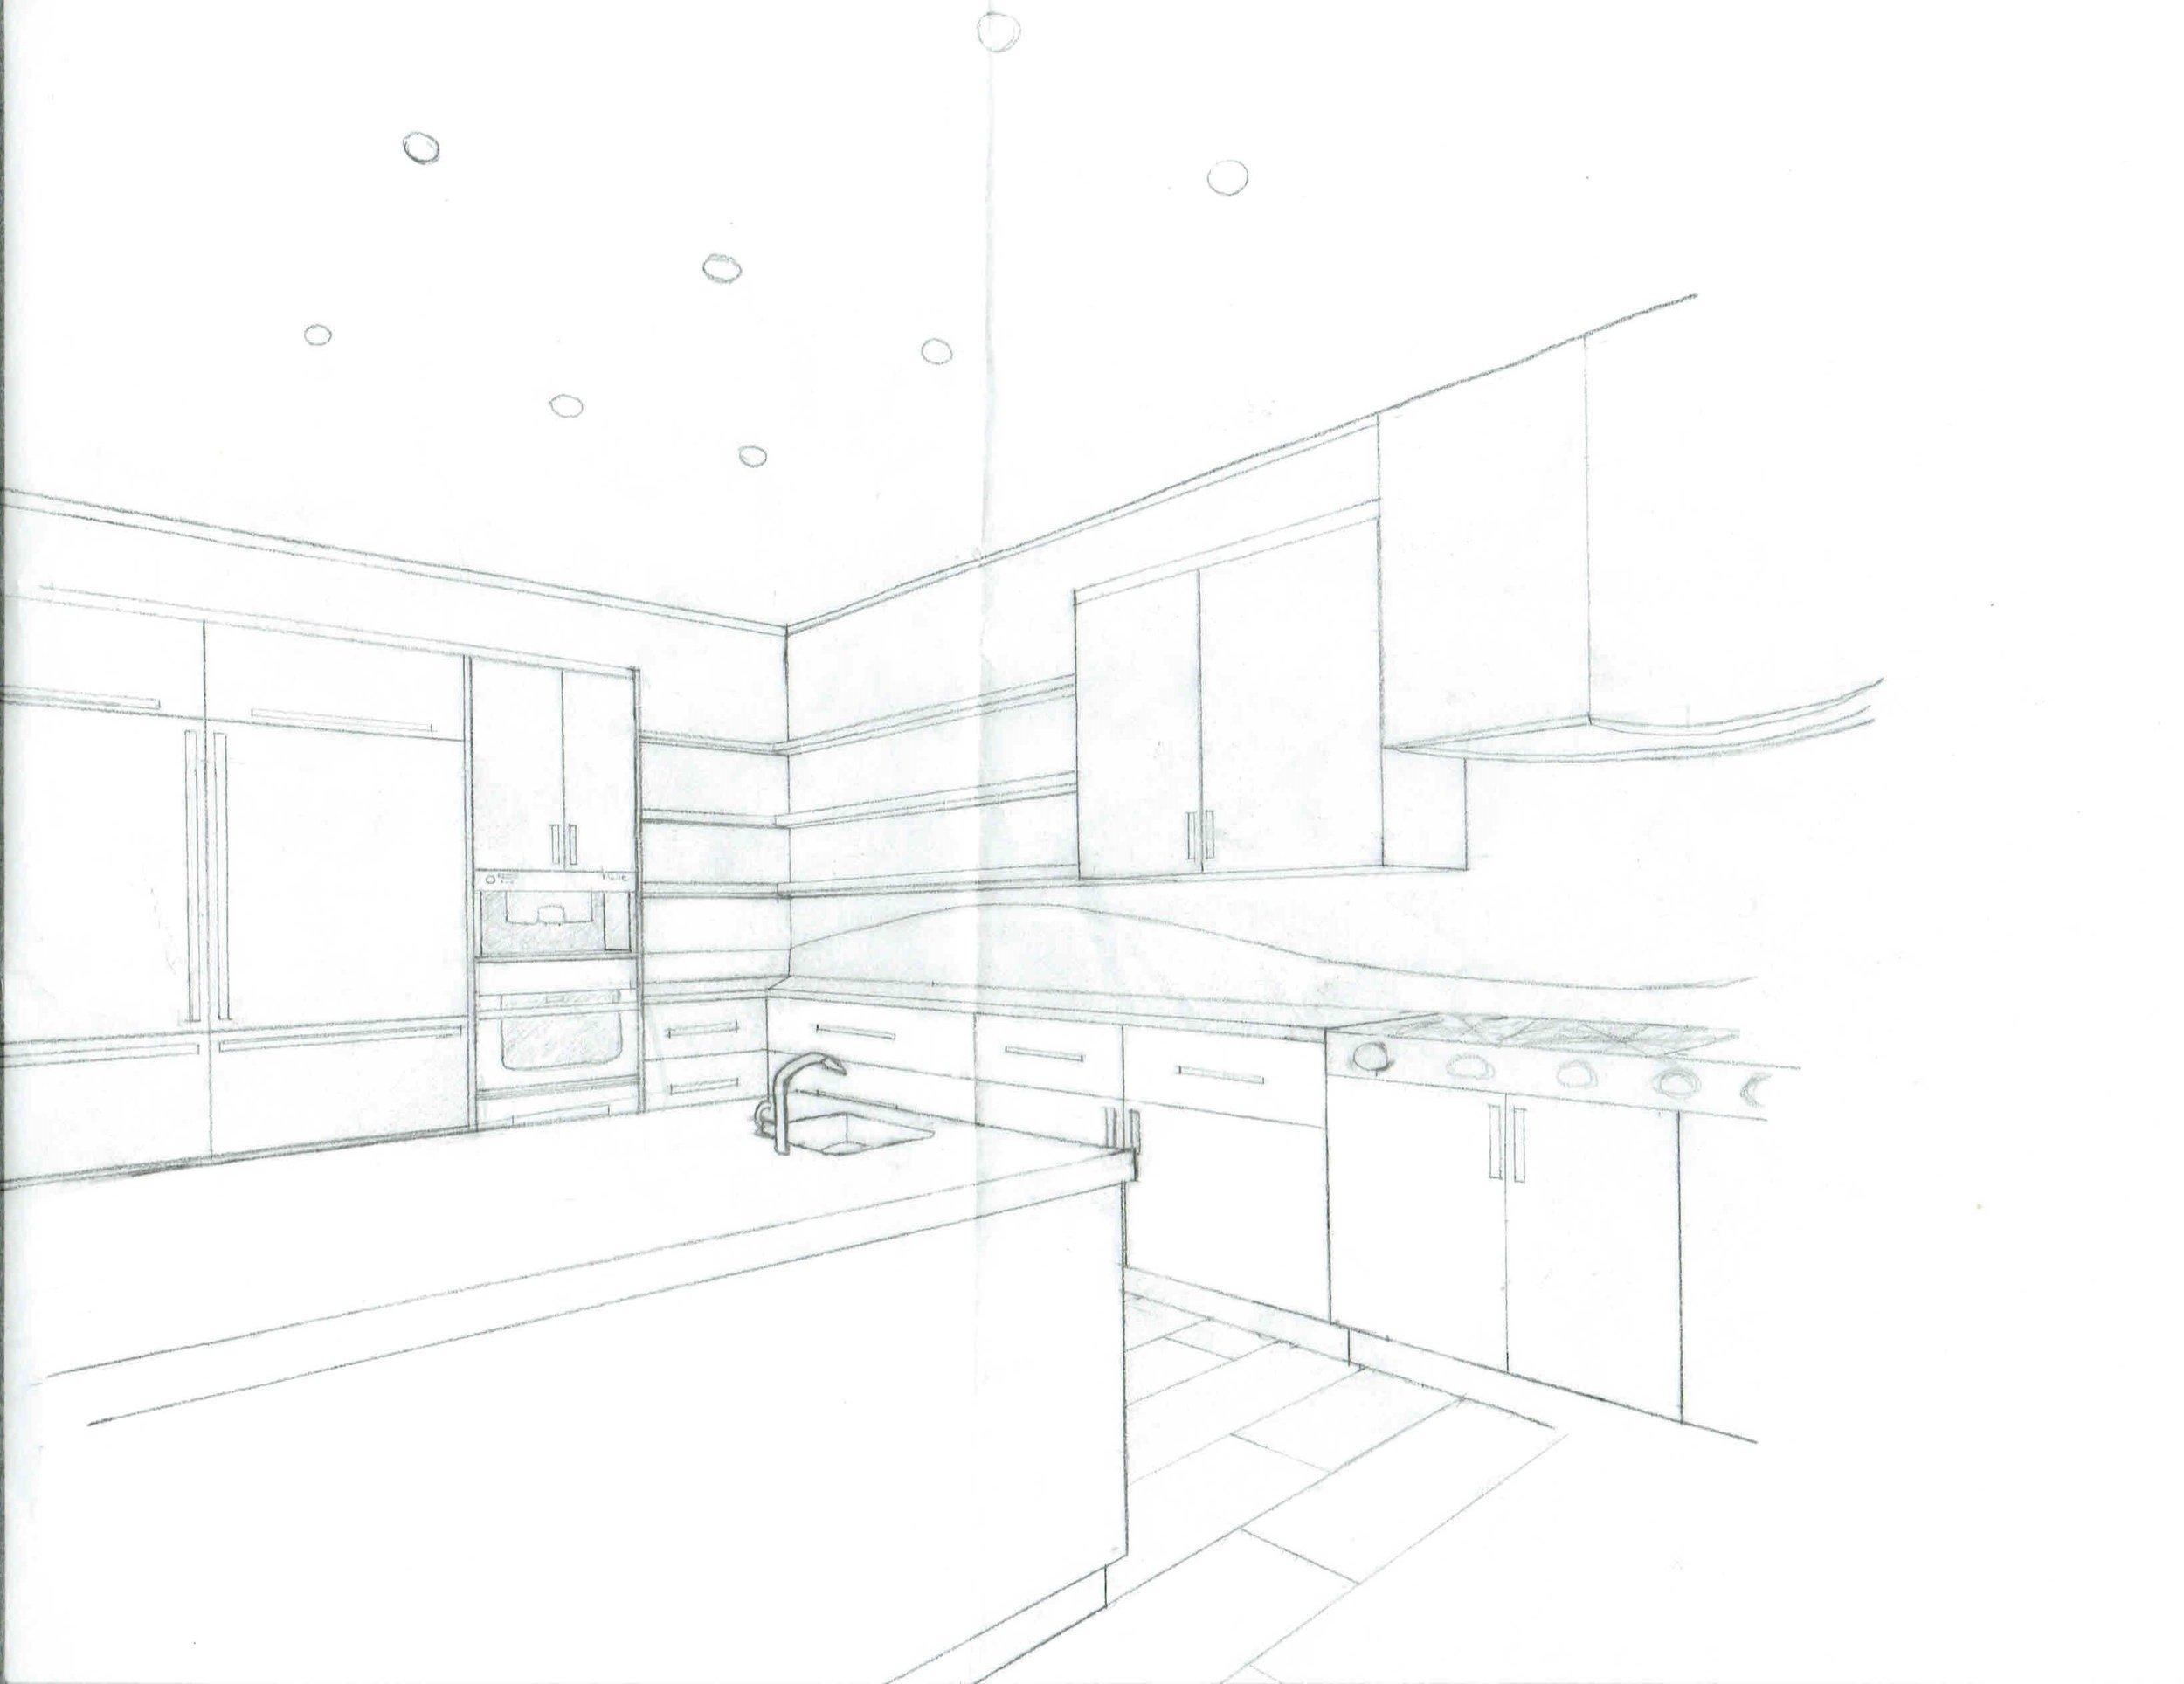 kitchen_sketch